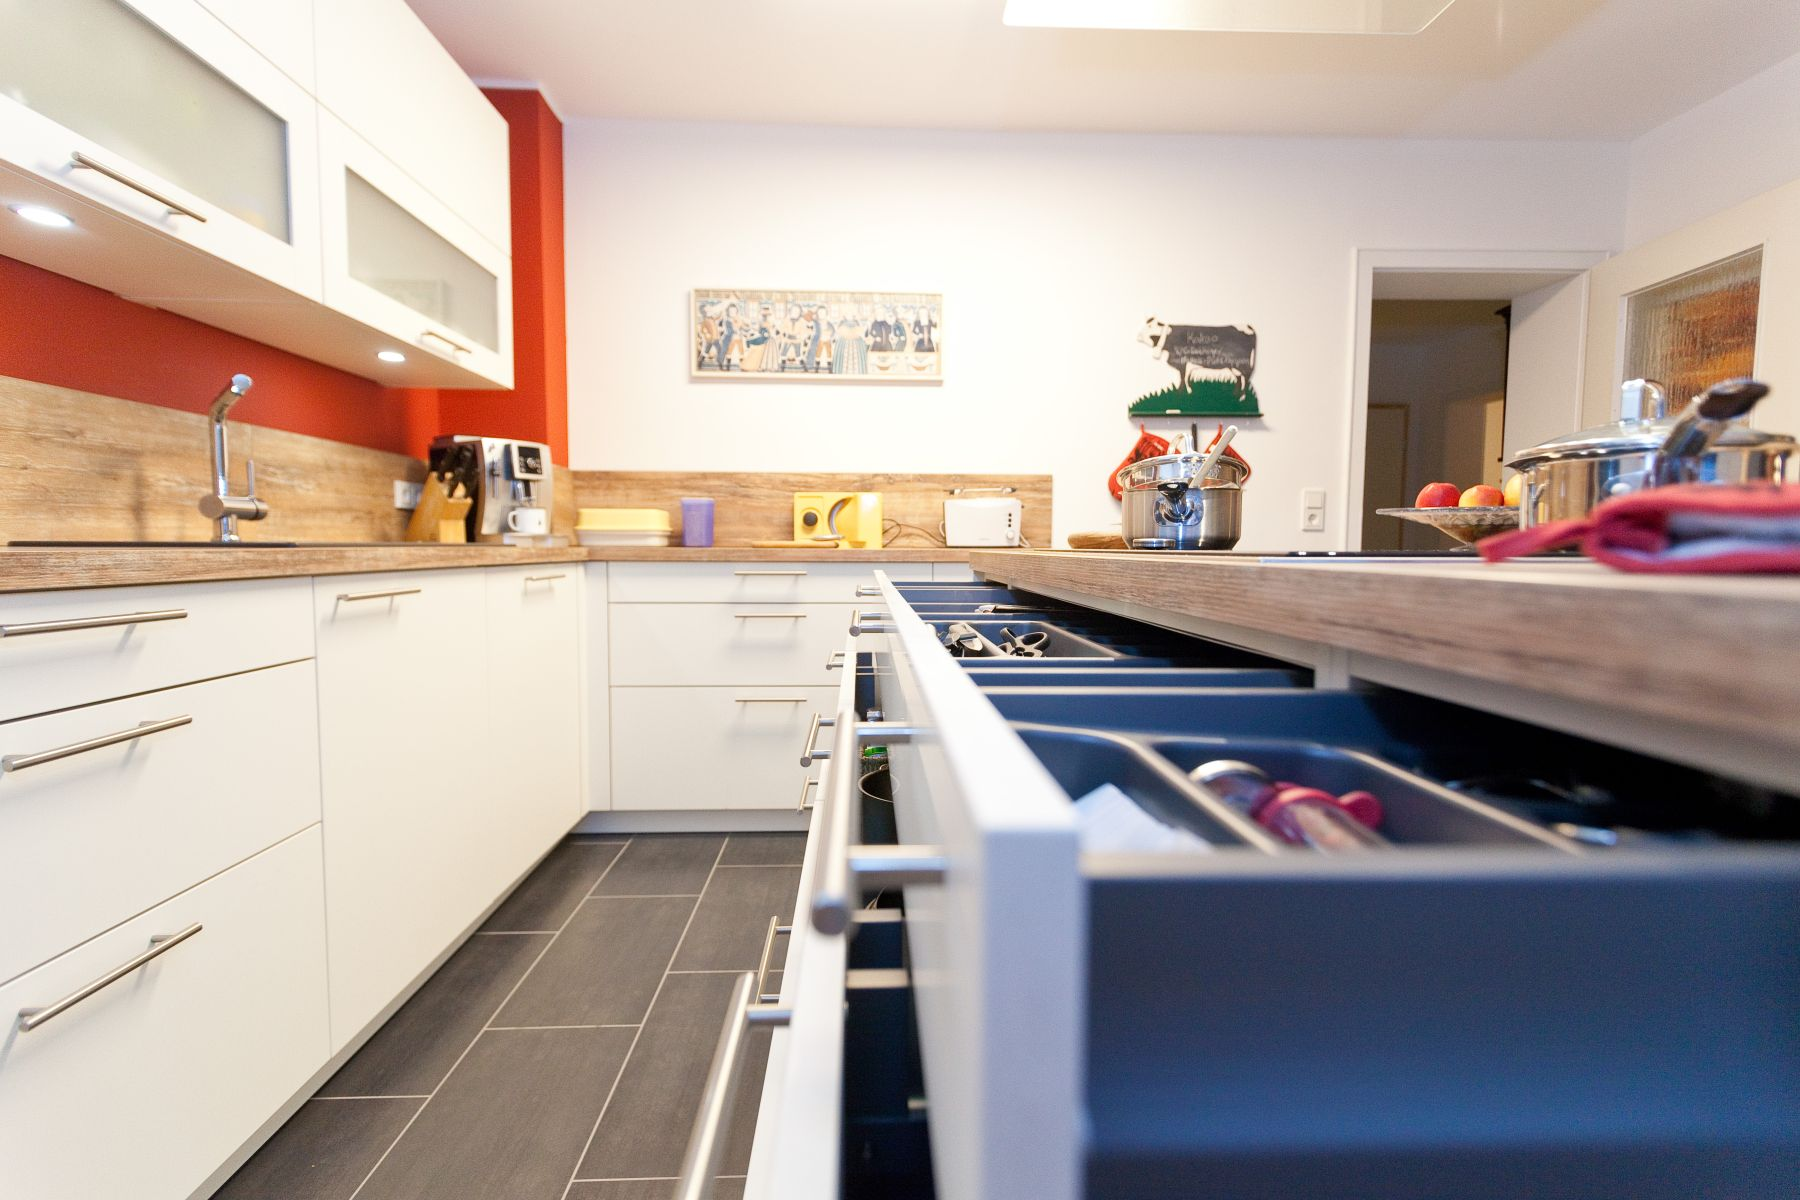 Ausgezeichnet Kücheninseln Toronto Bilder - Ideen Für Die Küche ...